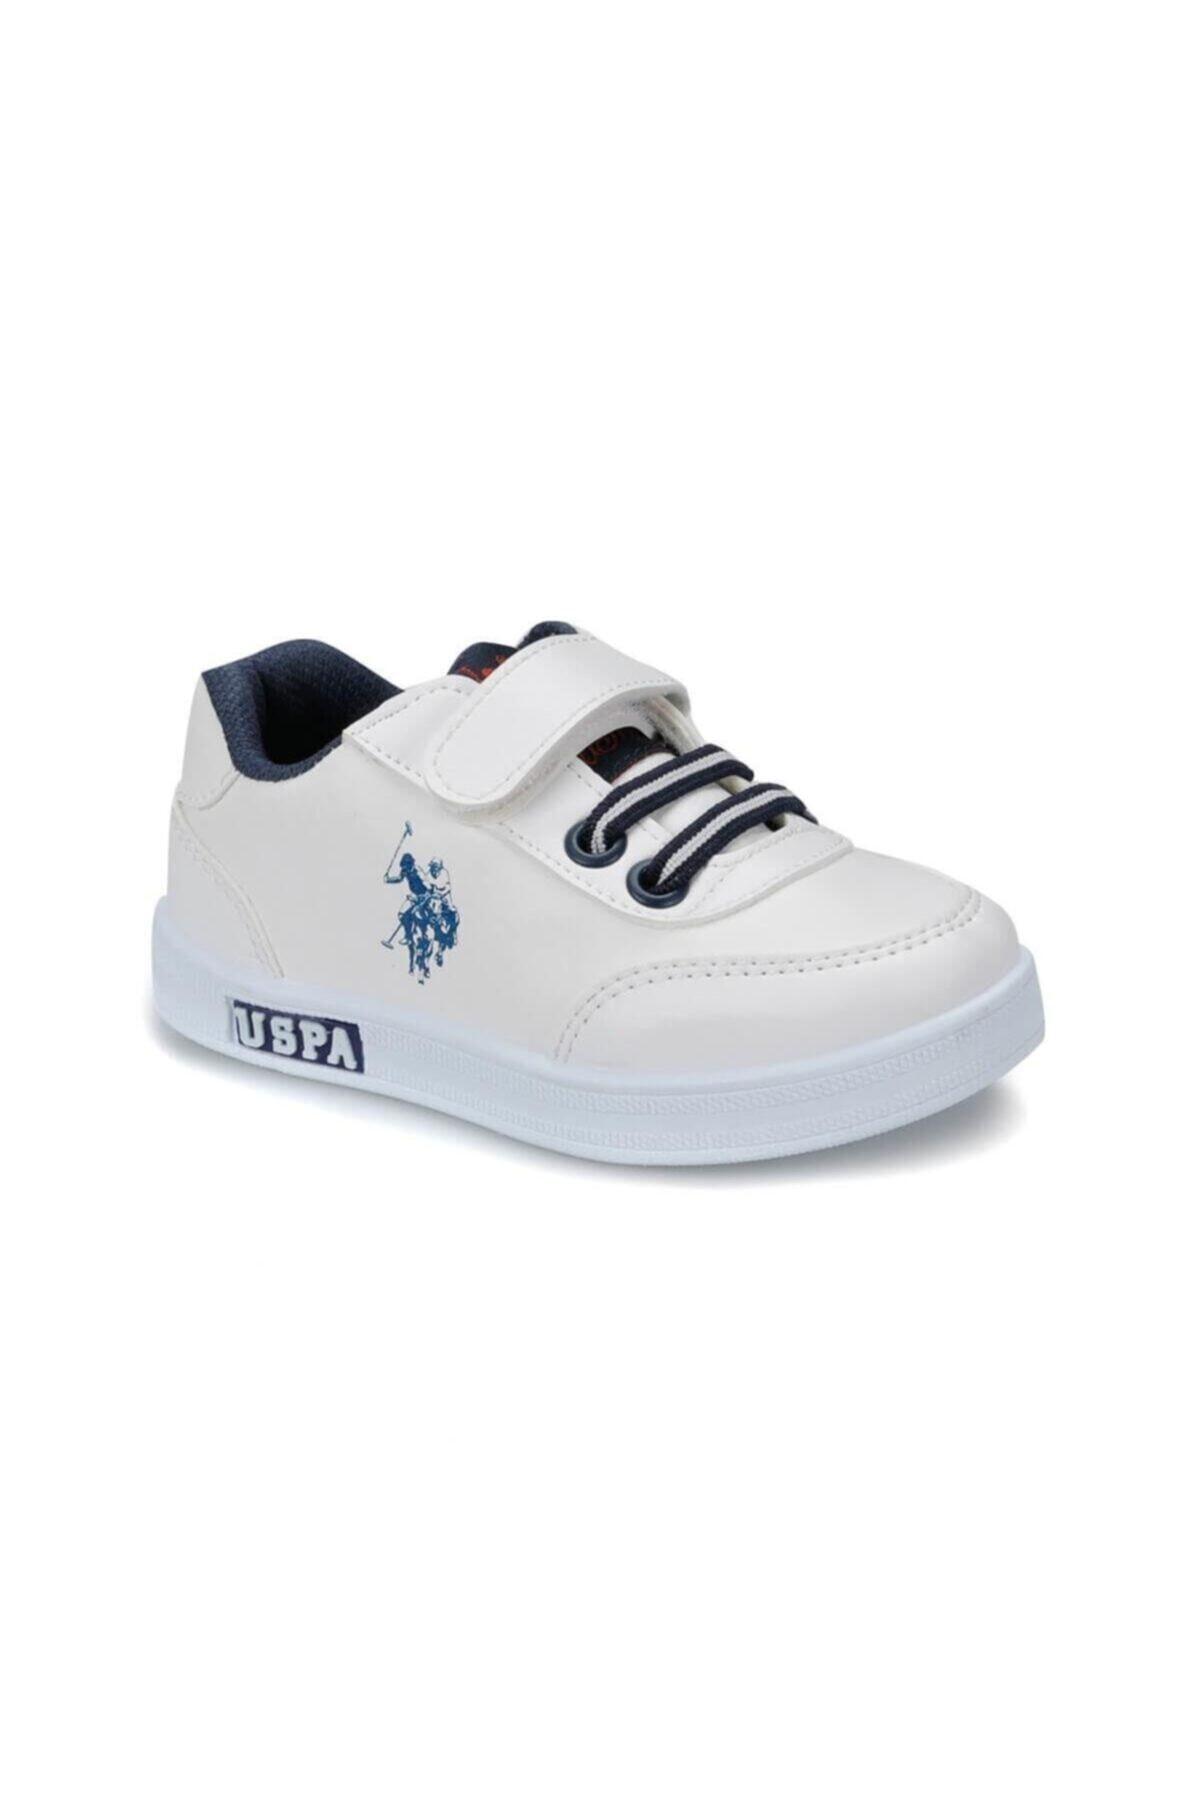 CAMERON Beyaz Unisex Çocuk Sneaker 100241648